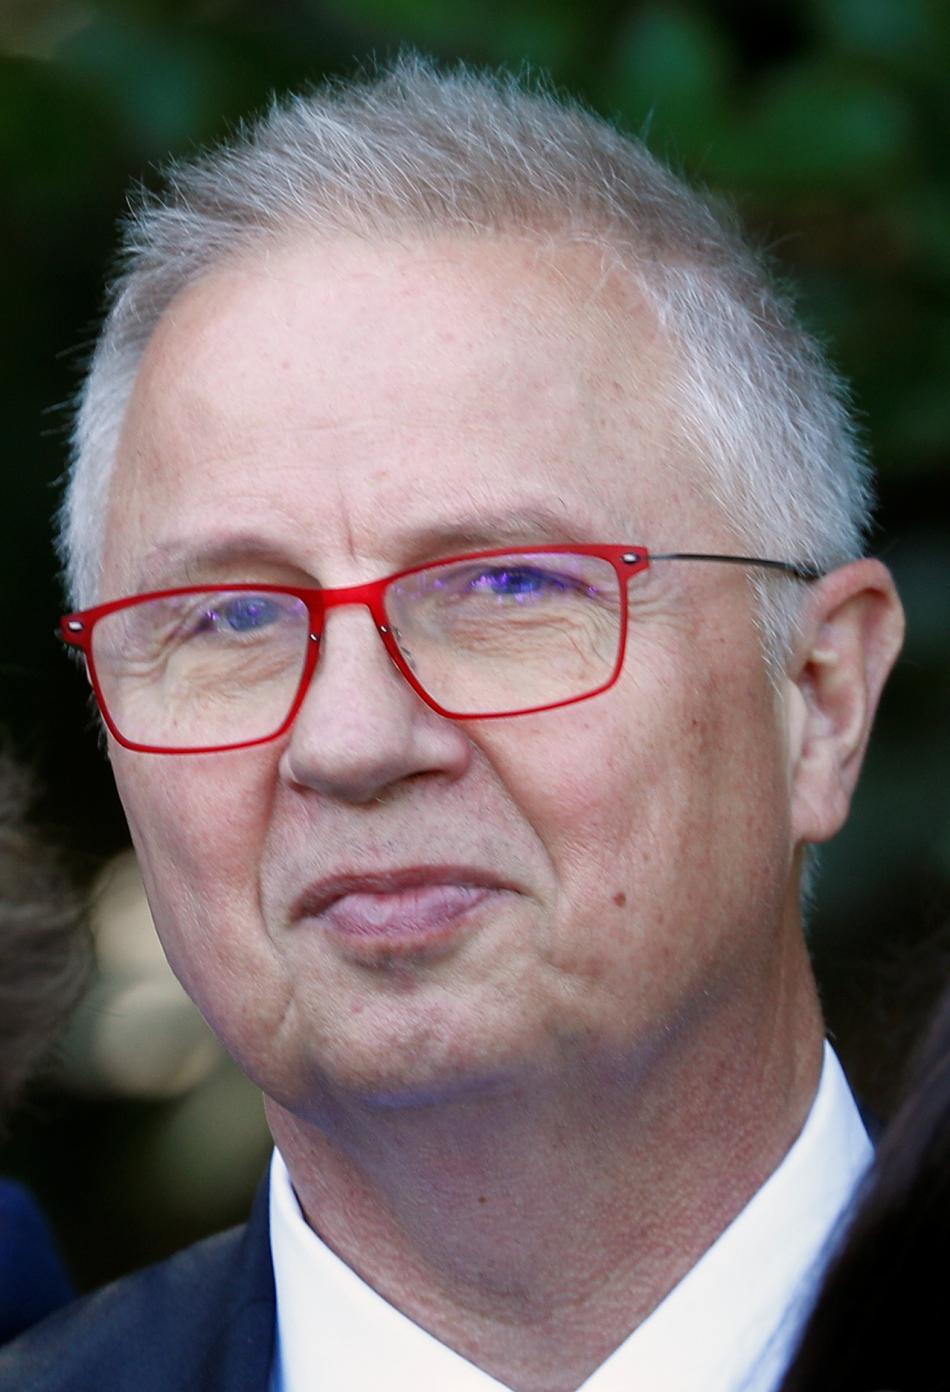 László Trócsányi